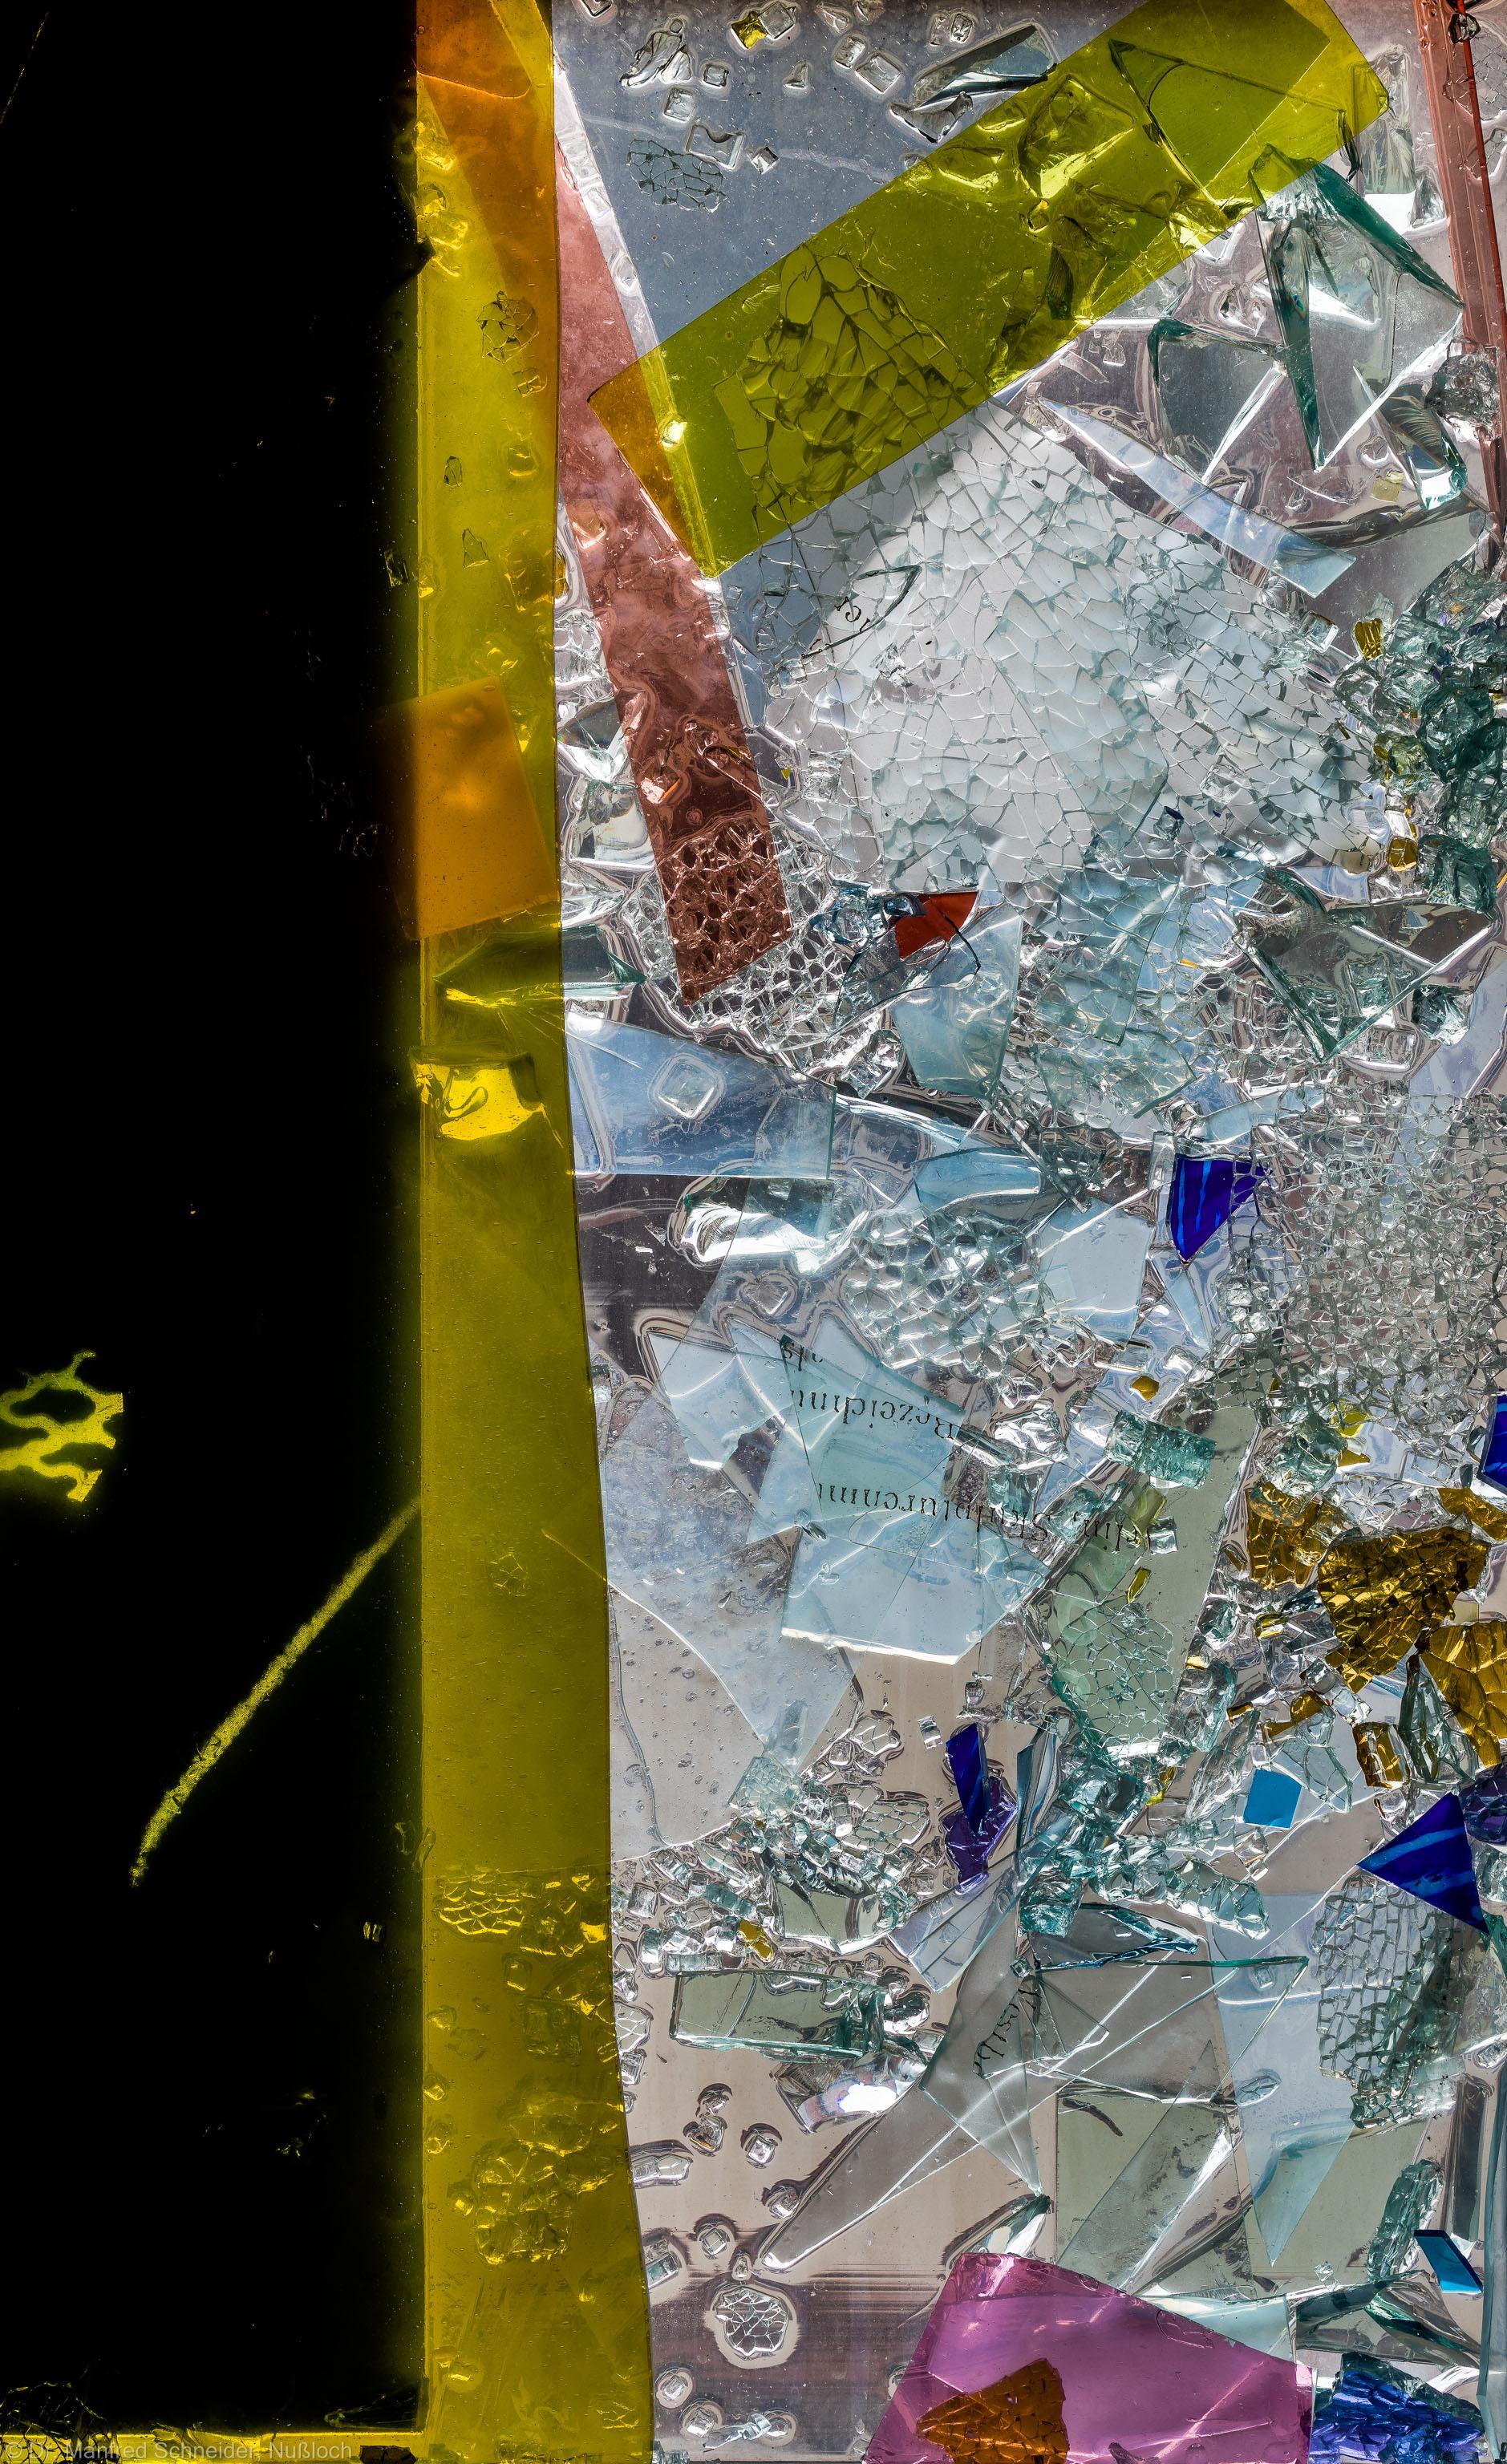 """Heidelberg - Heiliggeistkirche - Nordschiff - 3. Joch, von Westen aus gezählt - Feld (rechte Bahn, zweite Zeile) des Fensters """"Schöpfungsgeschichte - Gott sprach: es werde Licht"""" von Hella De Santarossa (aufgenommen im Oktober 2015, am Vormittag)"""